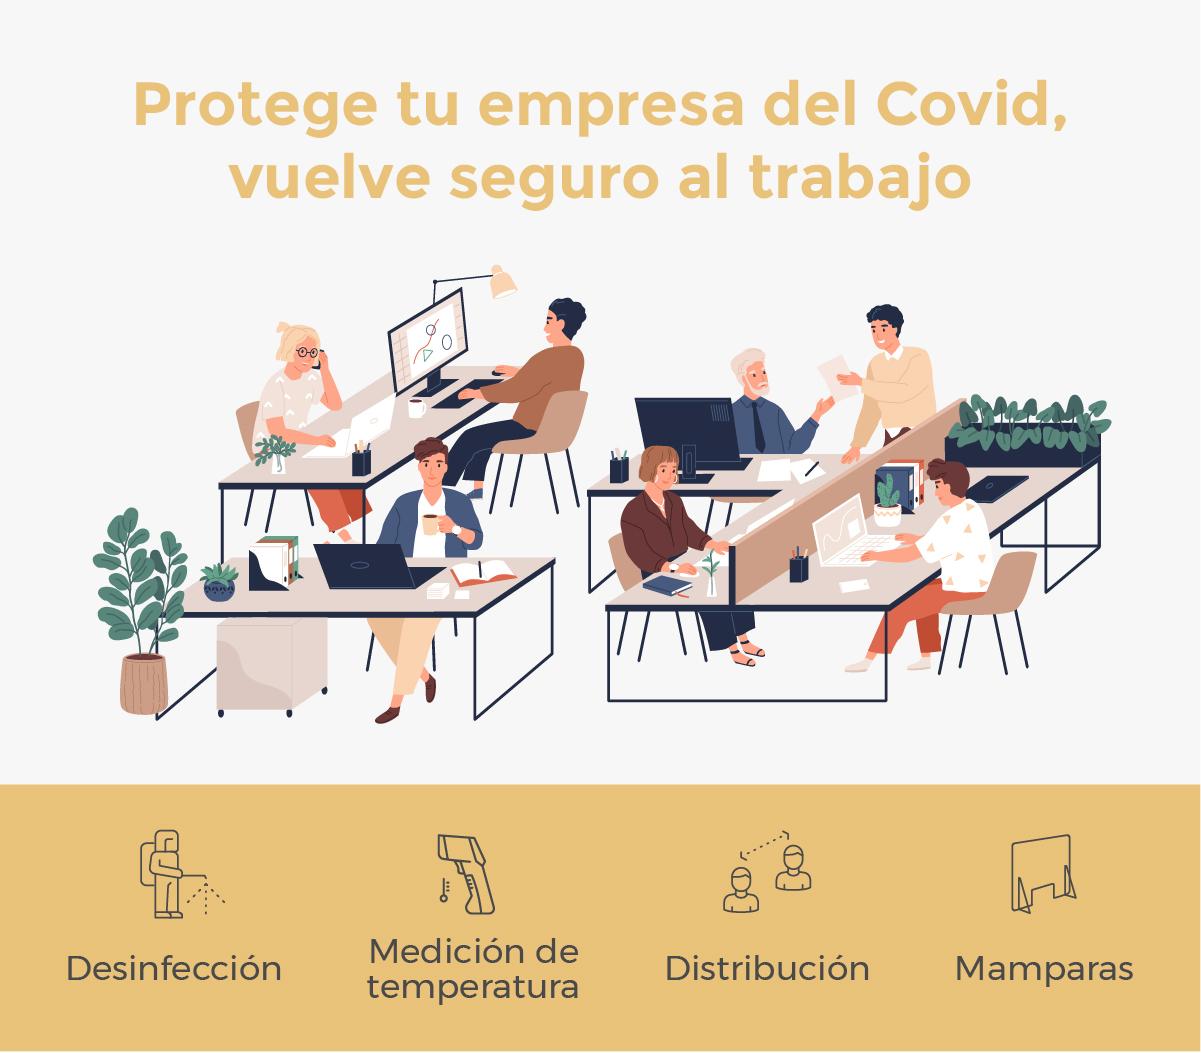 Recomendación para protección del Covid - 19 en oficina